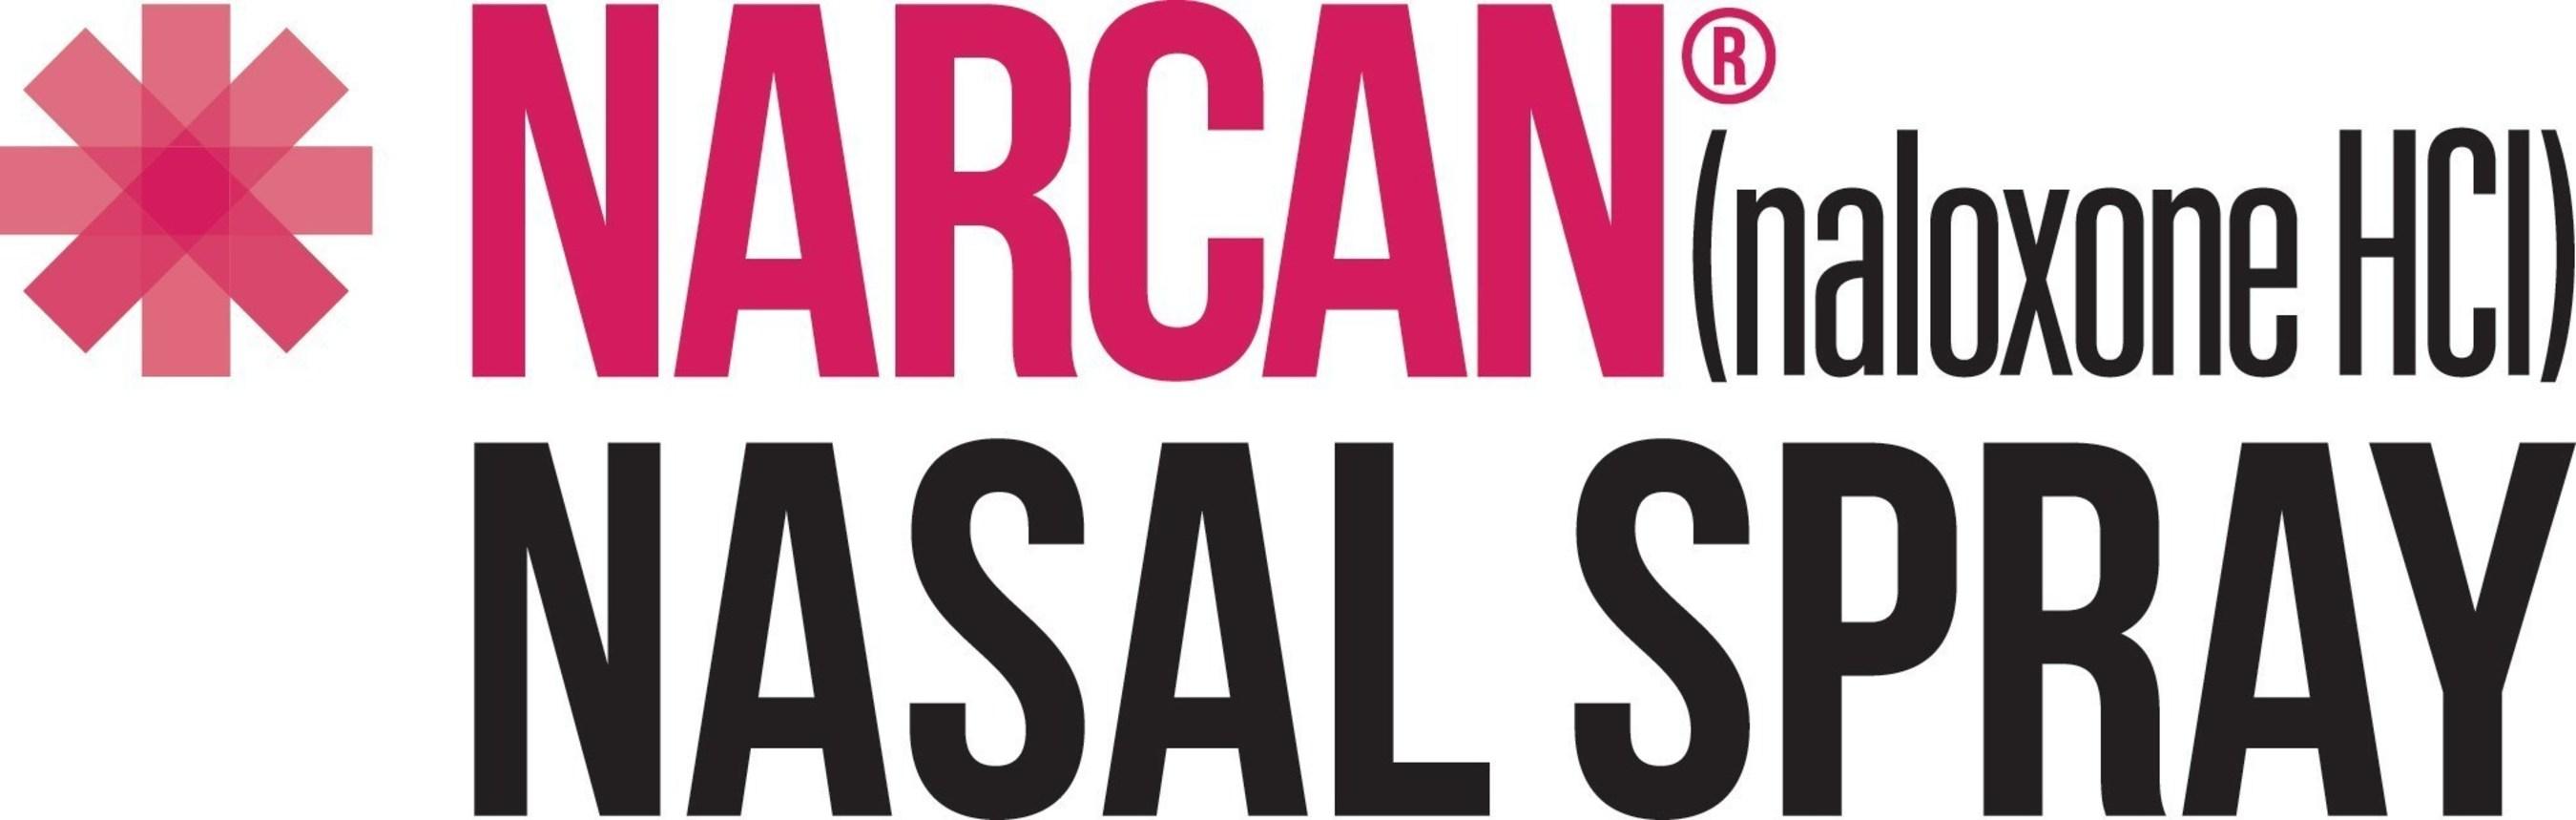 NARCAN(R) Nasal Spray